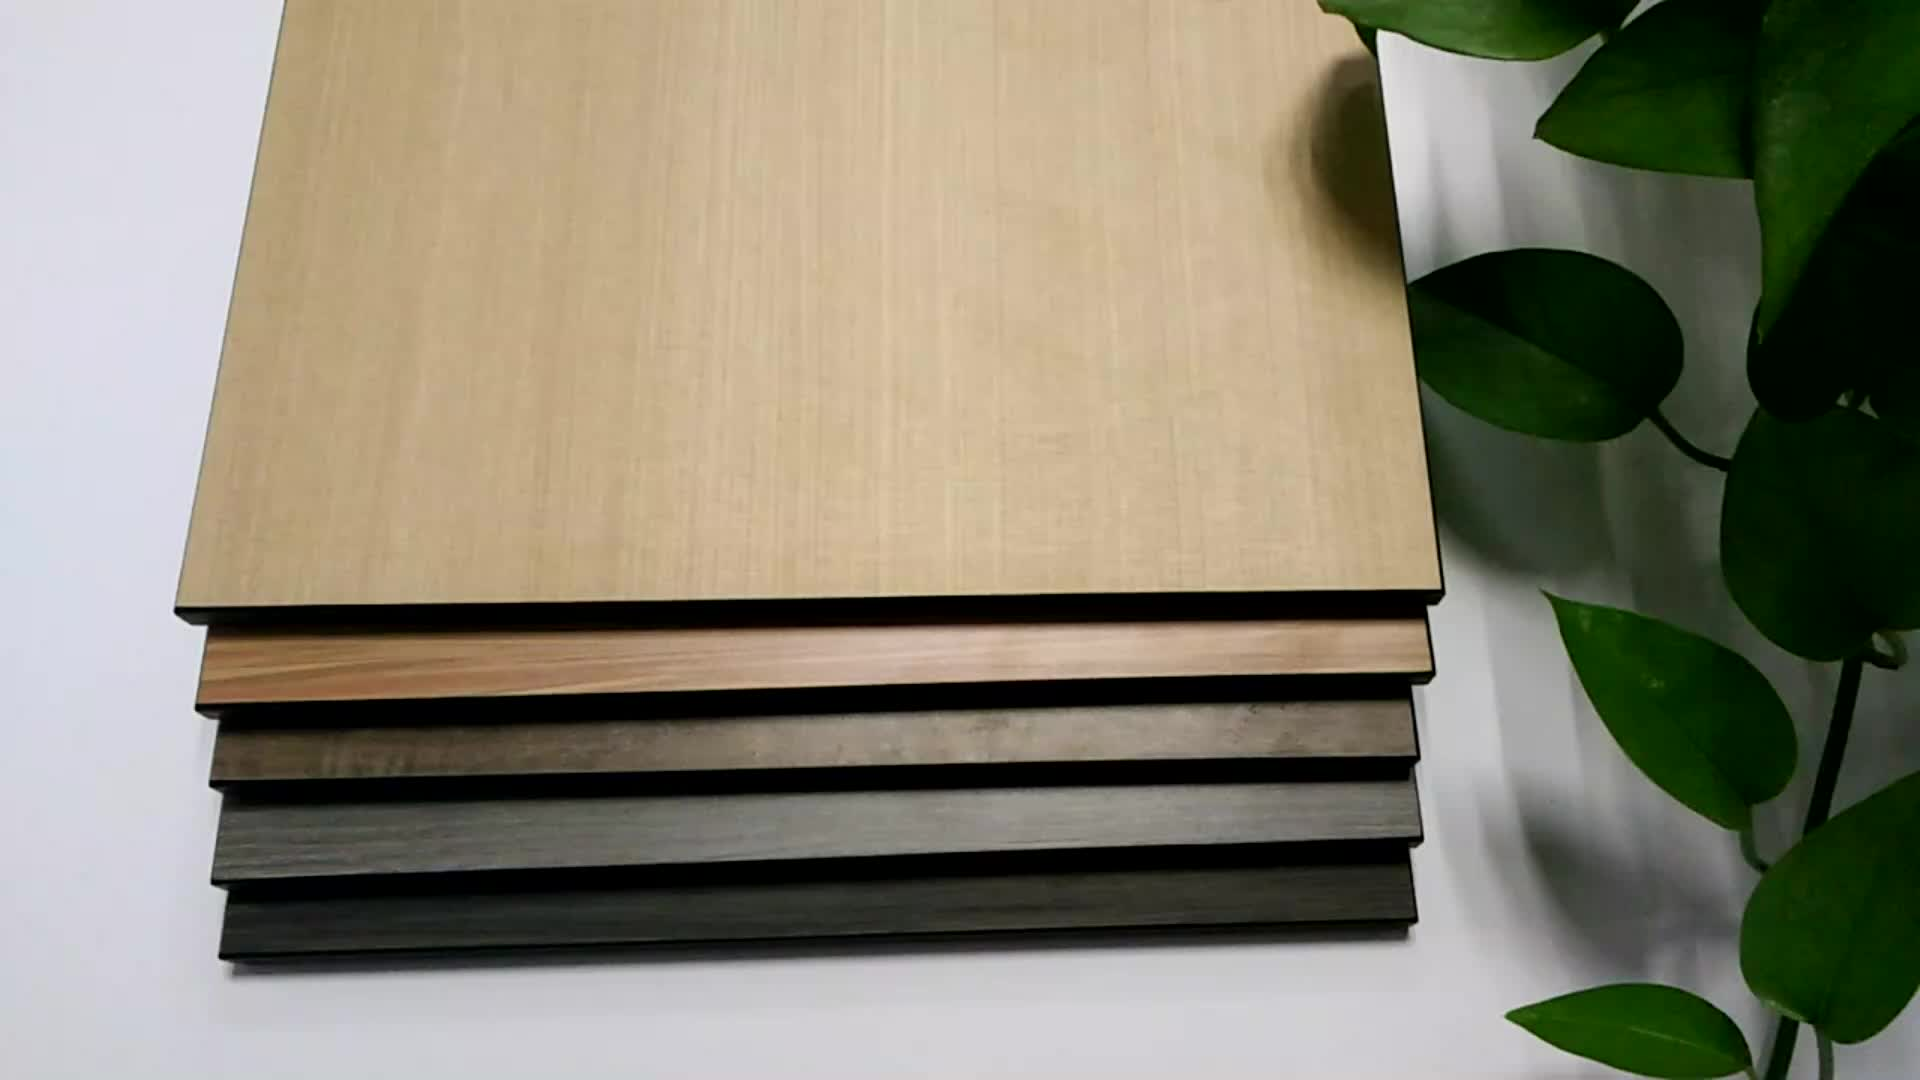 مكافحة الأشعة فوق البنفسجية الحرارة مقاومة hpl واجهات الجدار لوحات